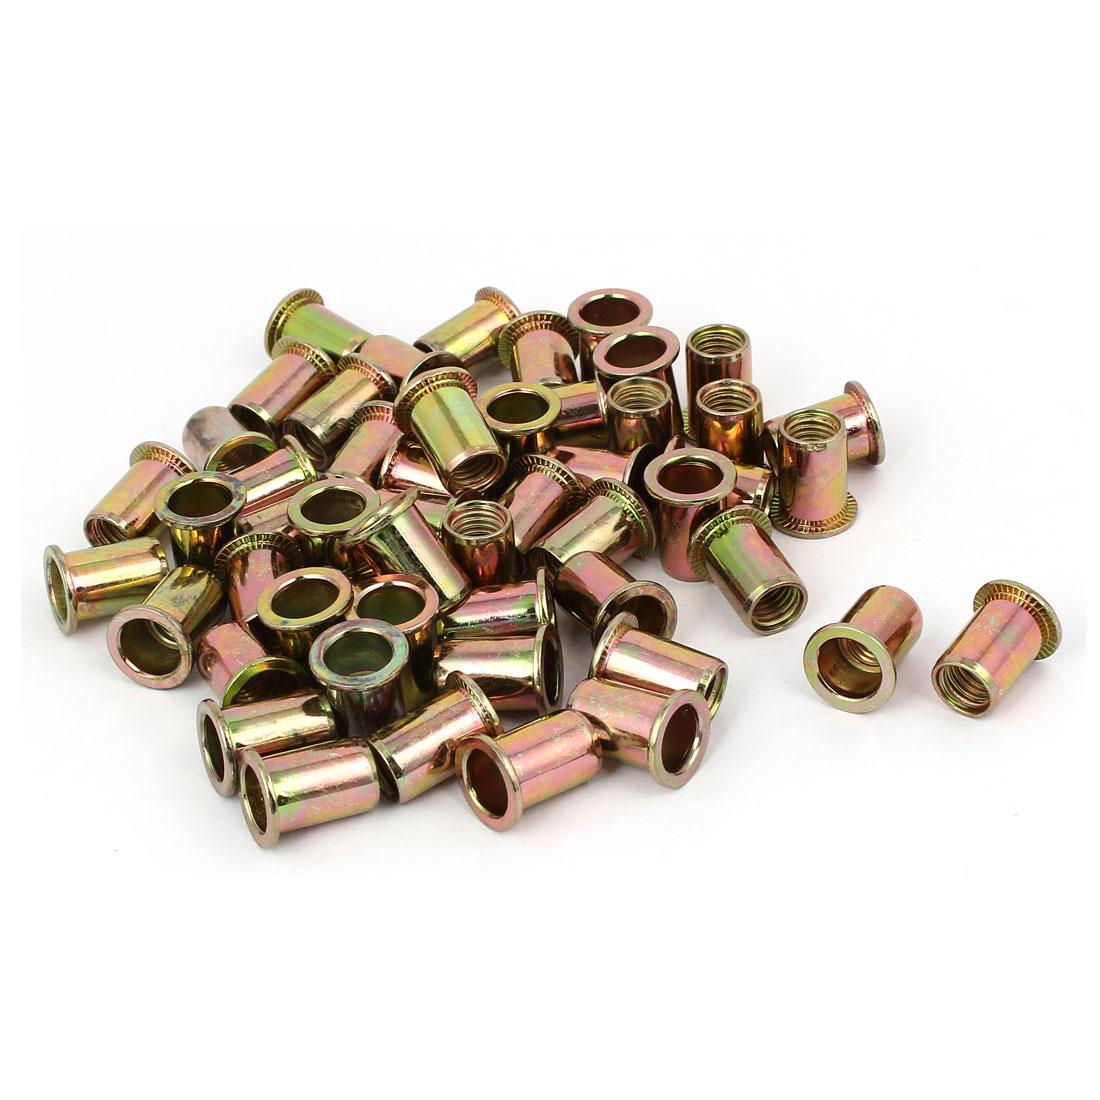 M10 x 20mm Blind Rivet Nut Open End Embedded Insert Nutsert 50PCS